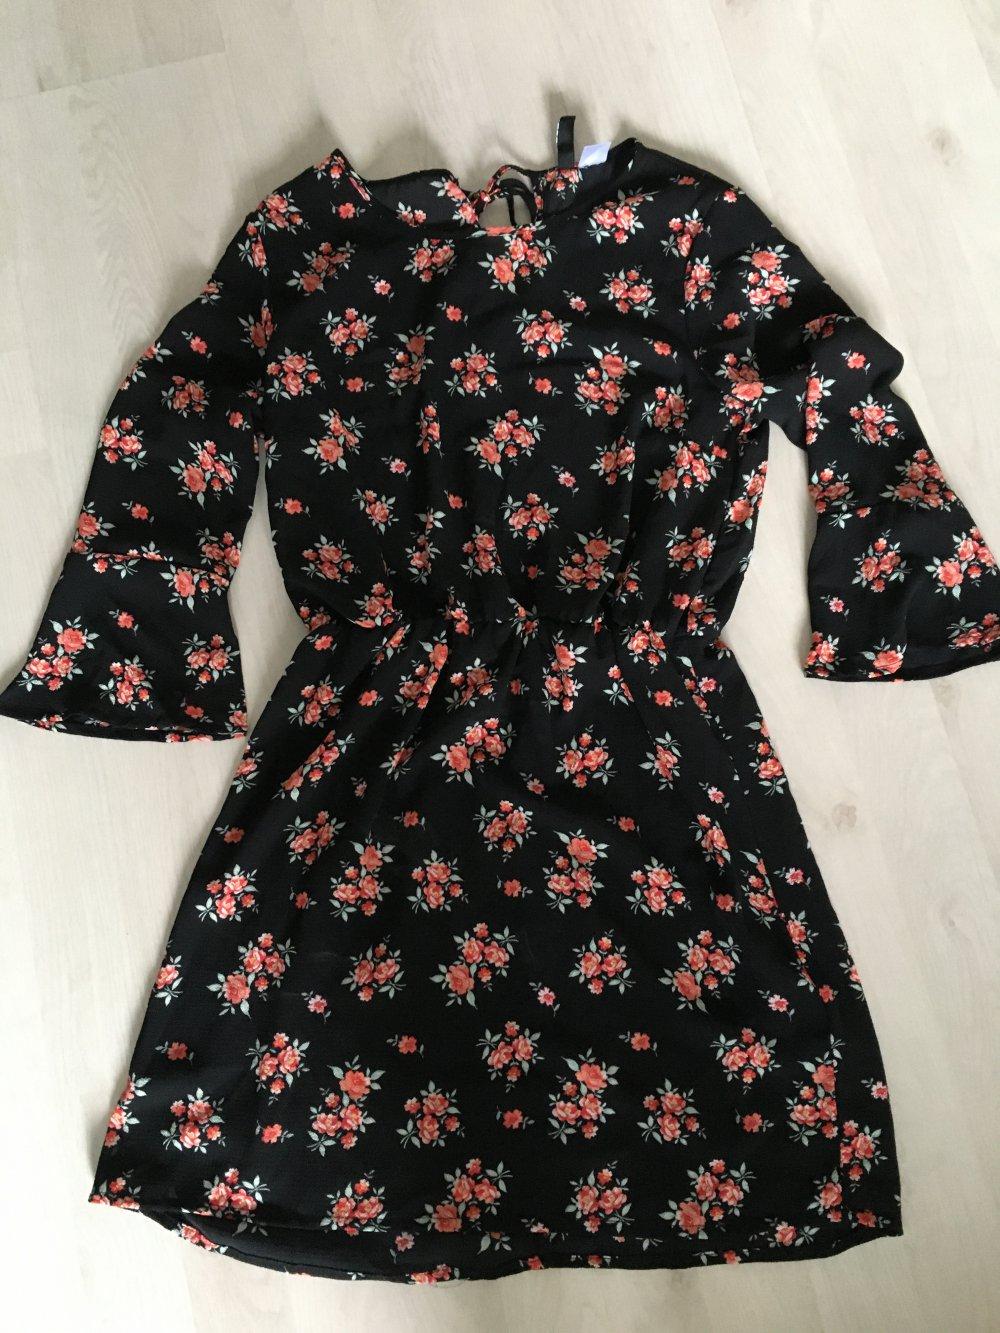 Kleid Sommerkleid schwarz geblümt blumen 17/17 Arm 176/S H&M Divided